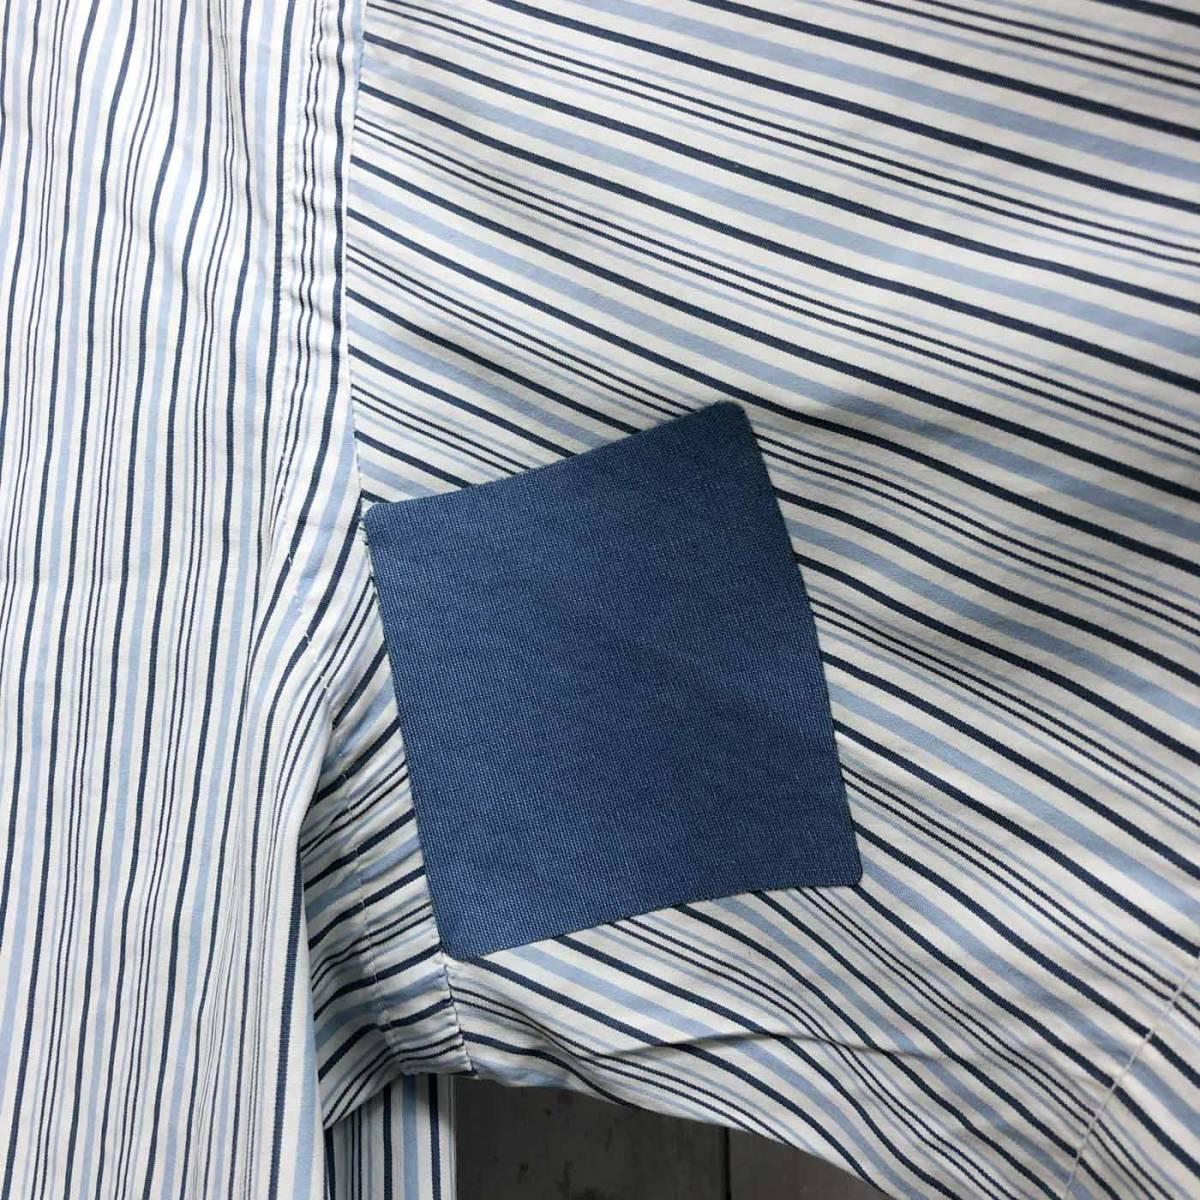 ラルフローレン POLO Ralph Lauren Polo 半袖シャツ メンズ ワンポイント サイズ15(S~Mサイズ相当) 7-177_画像8